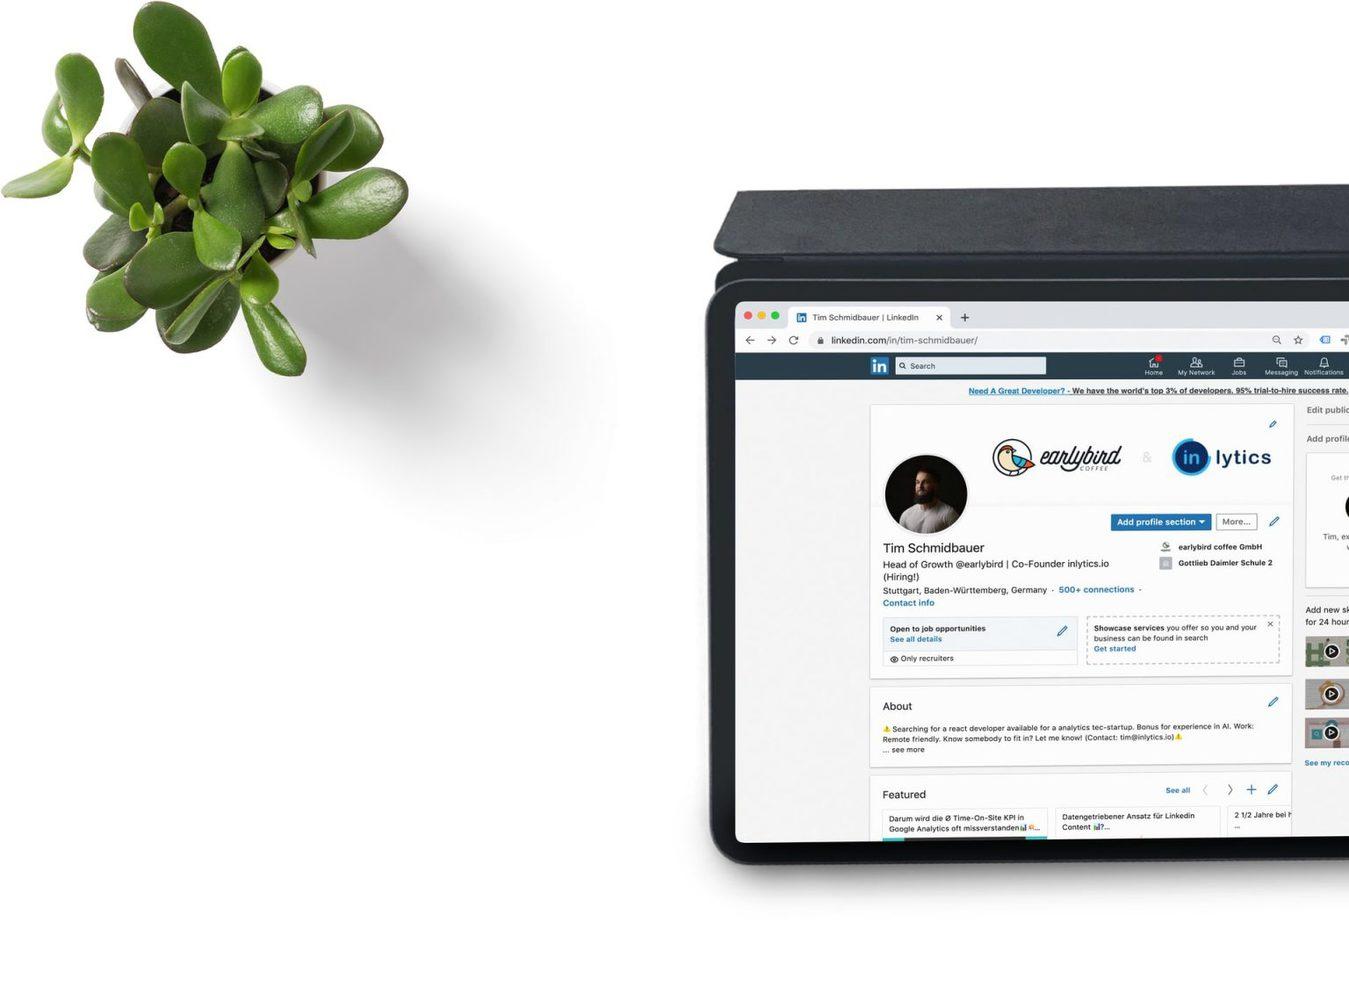 Tablet membuka profil LinkedIn